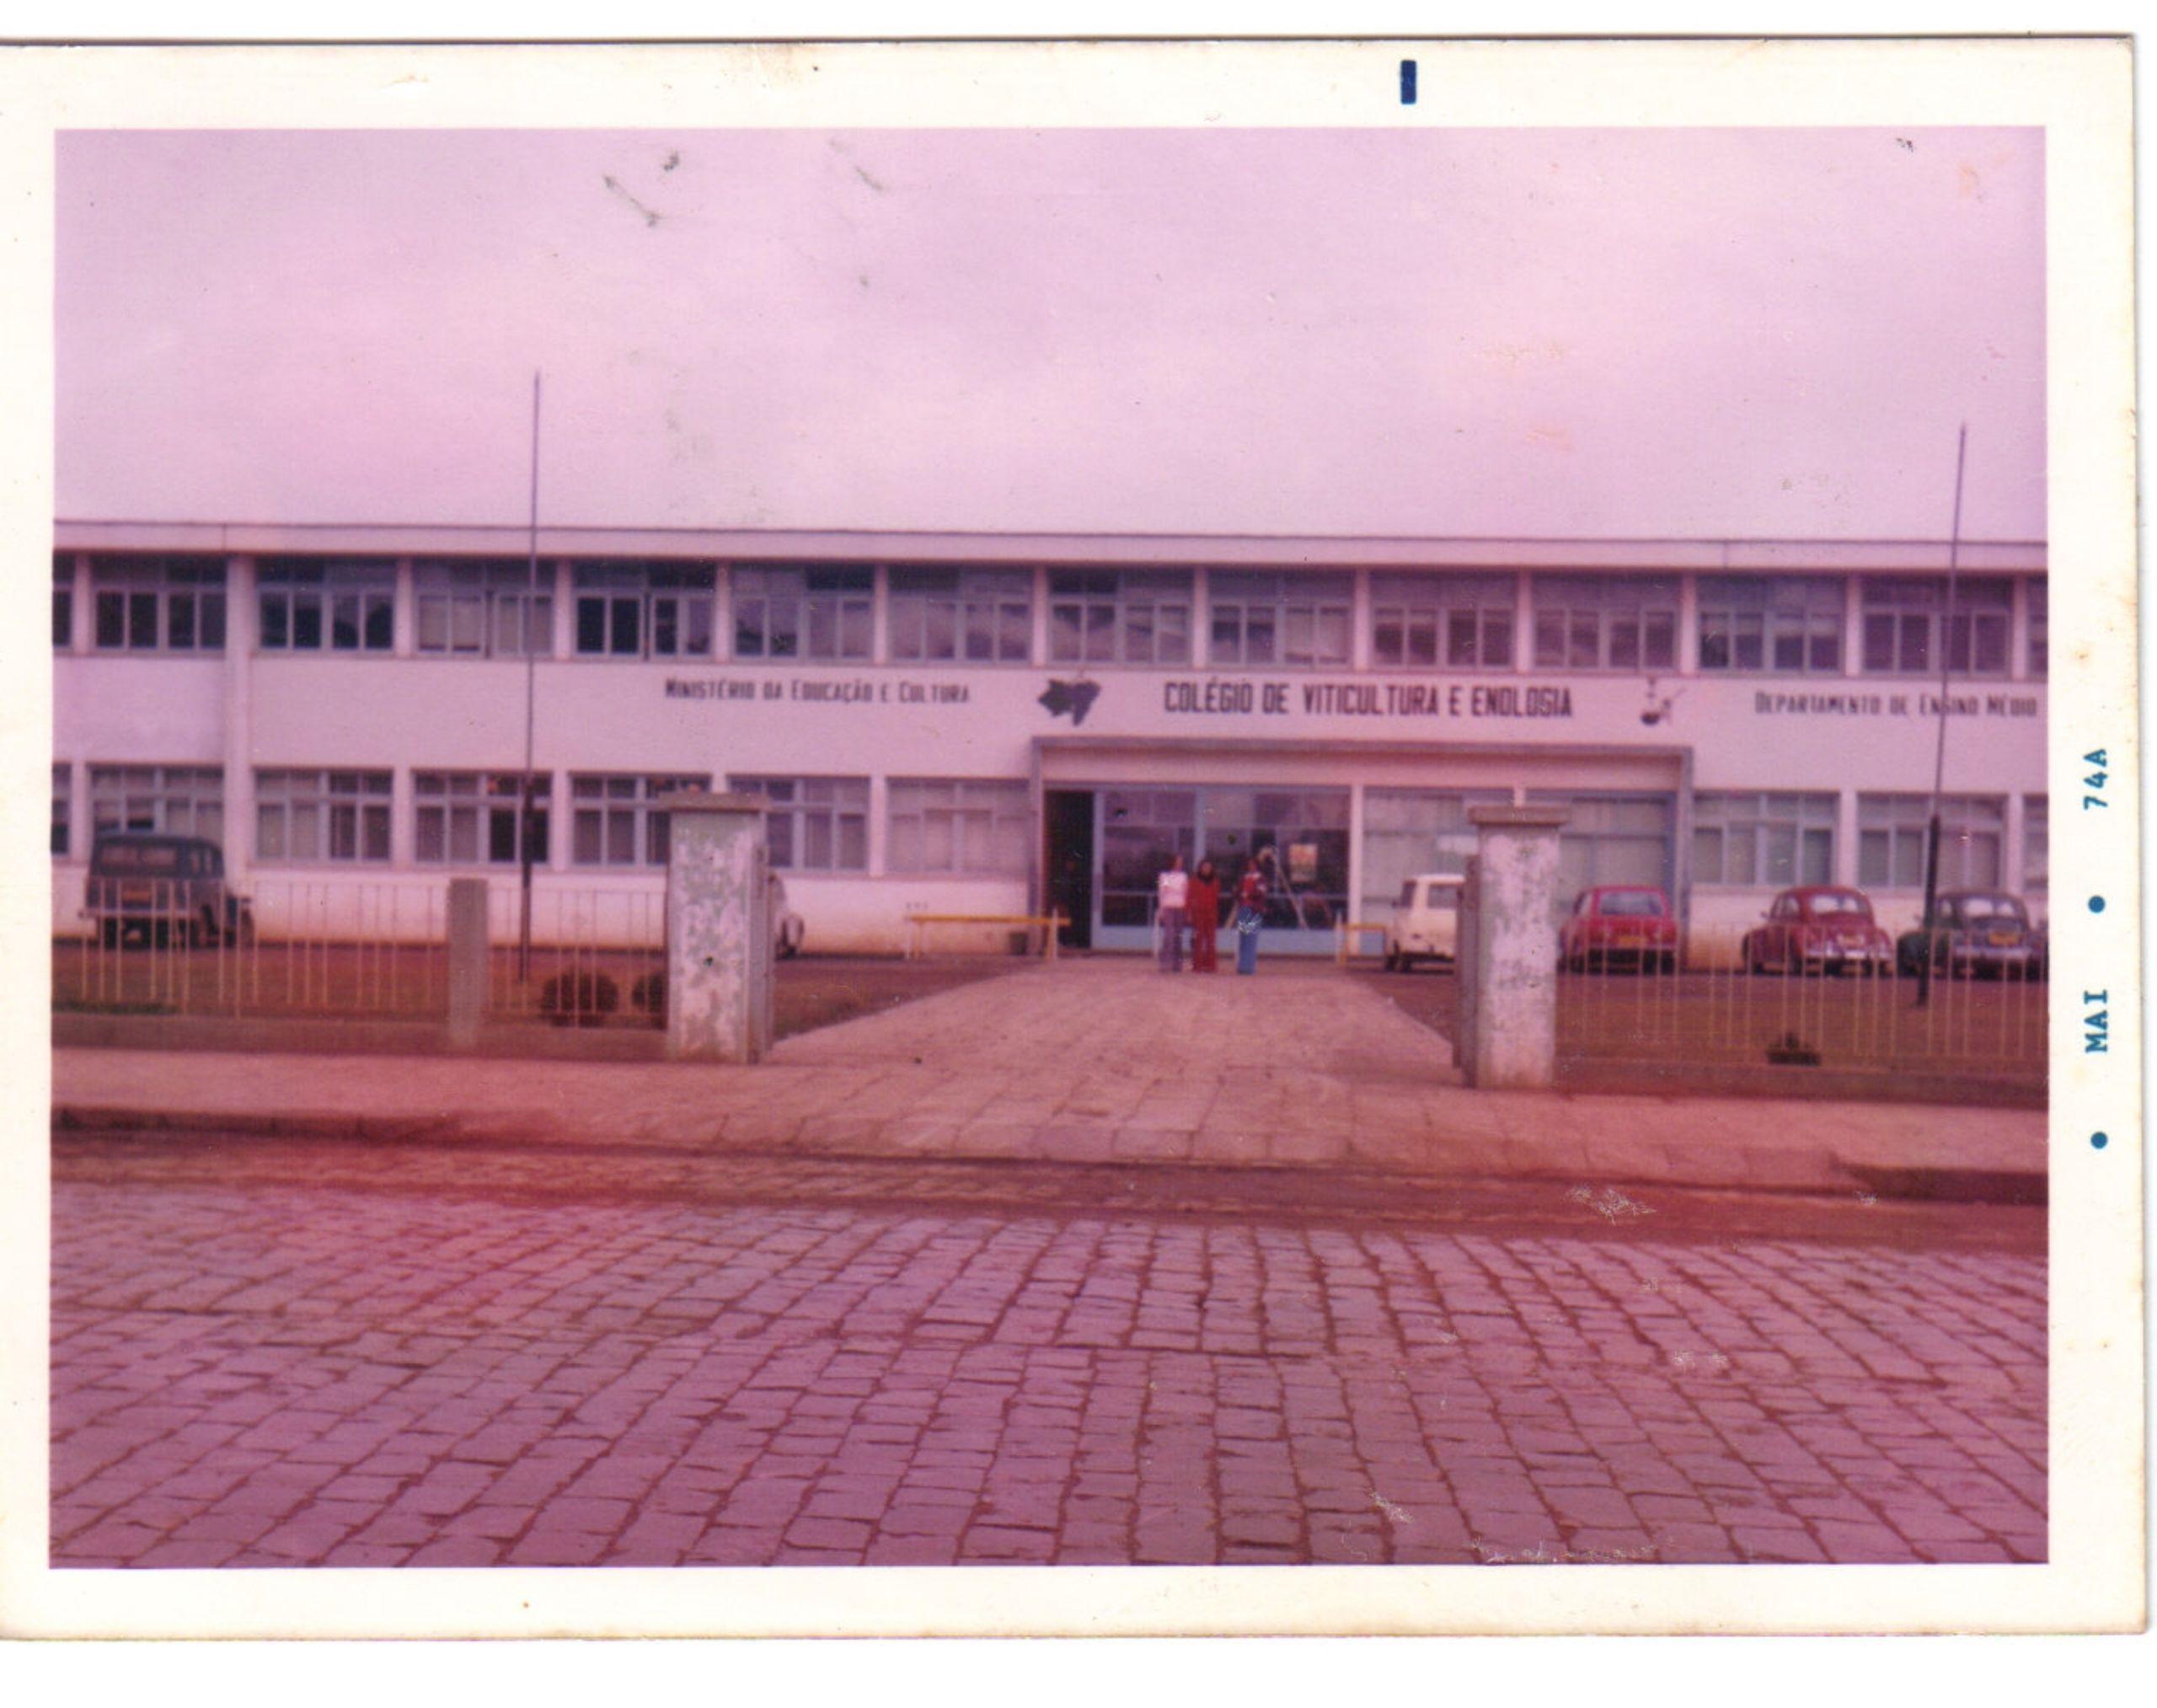 Fachada do Colégio Viticultura e Enologia - atual Campus Bento Gonçalves - Bloco A (1974)